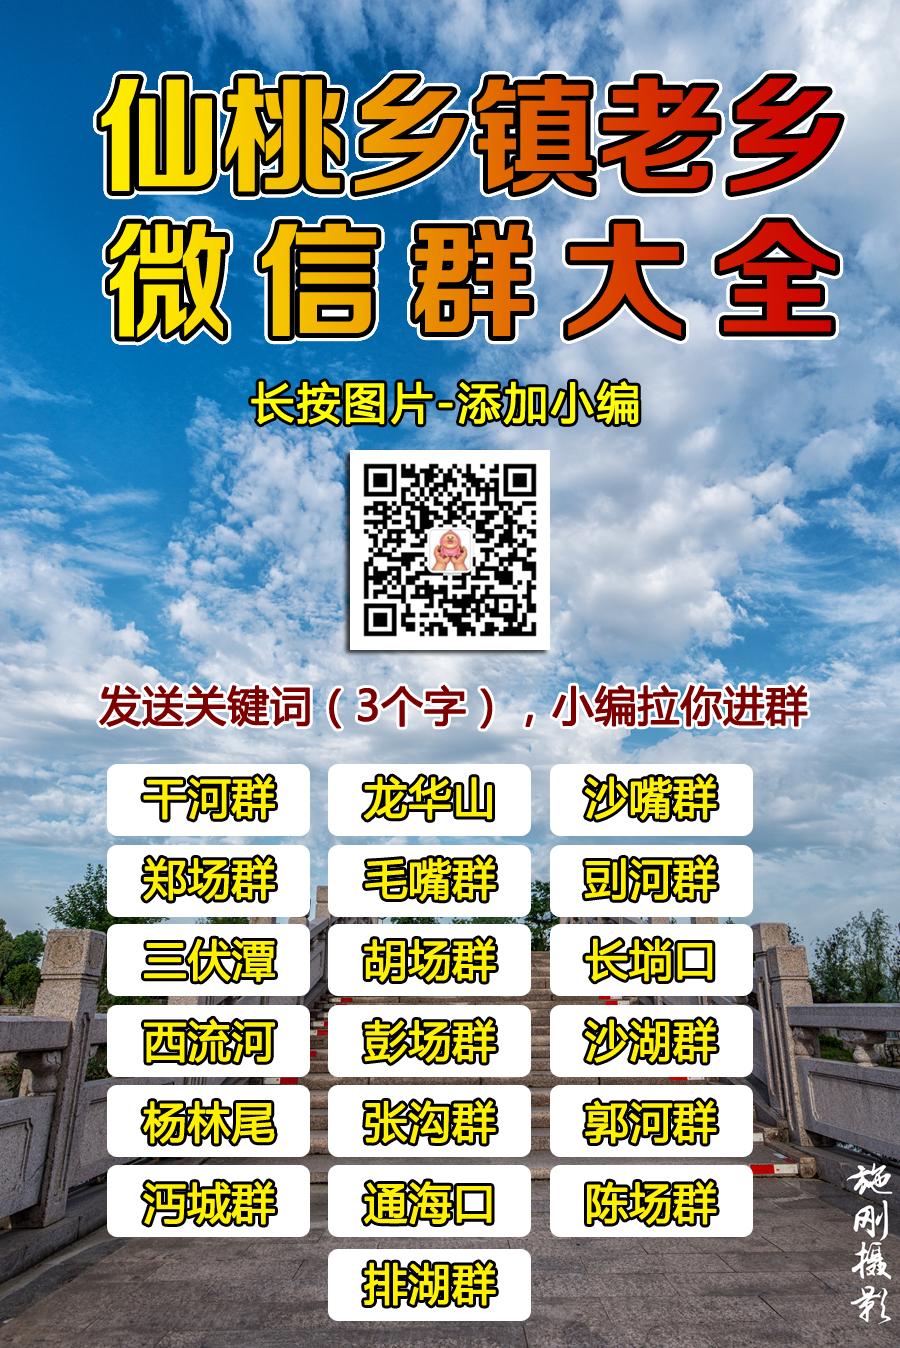 DSC_9933_副本.jpg